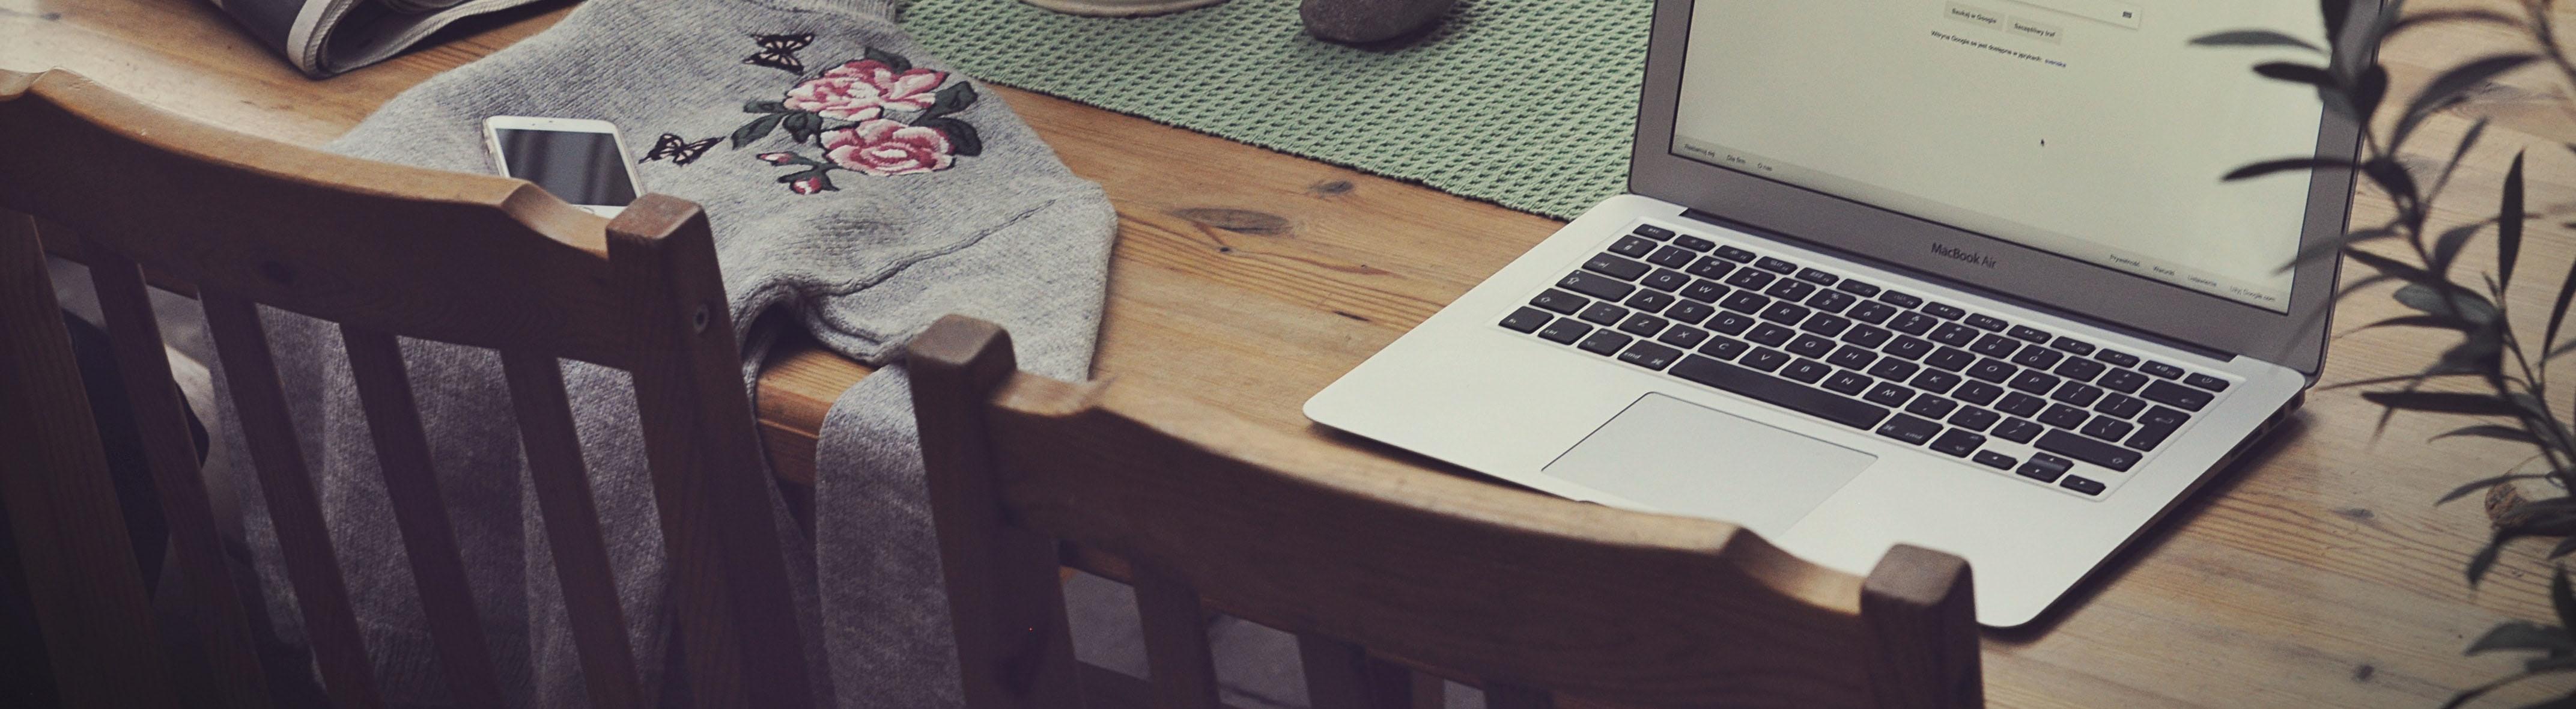 Laptop auf einem Küchentisch